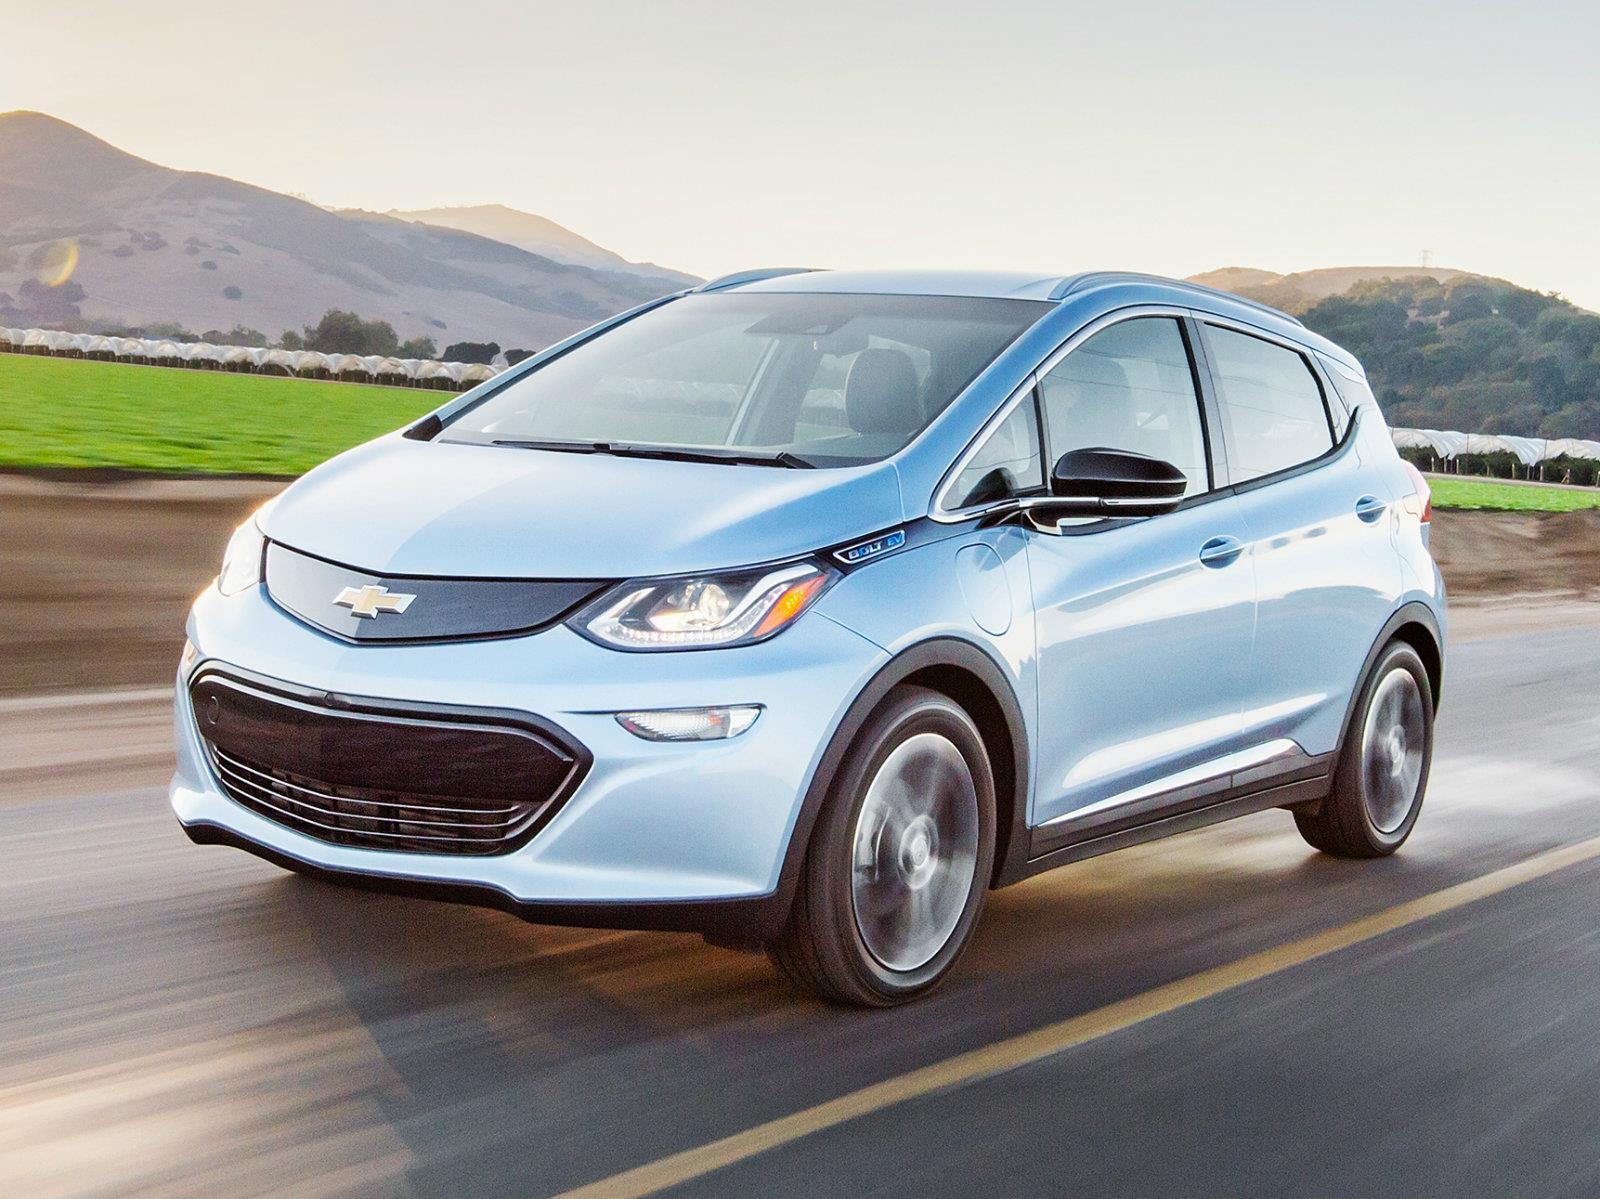 El Chevrolet Bolt EV tiene más autonomía que el Leaf